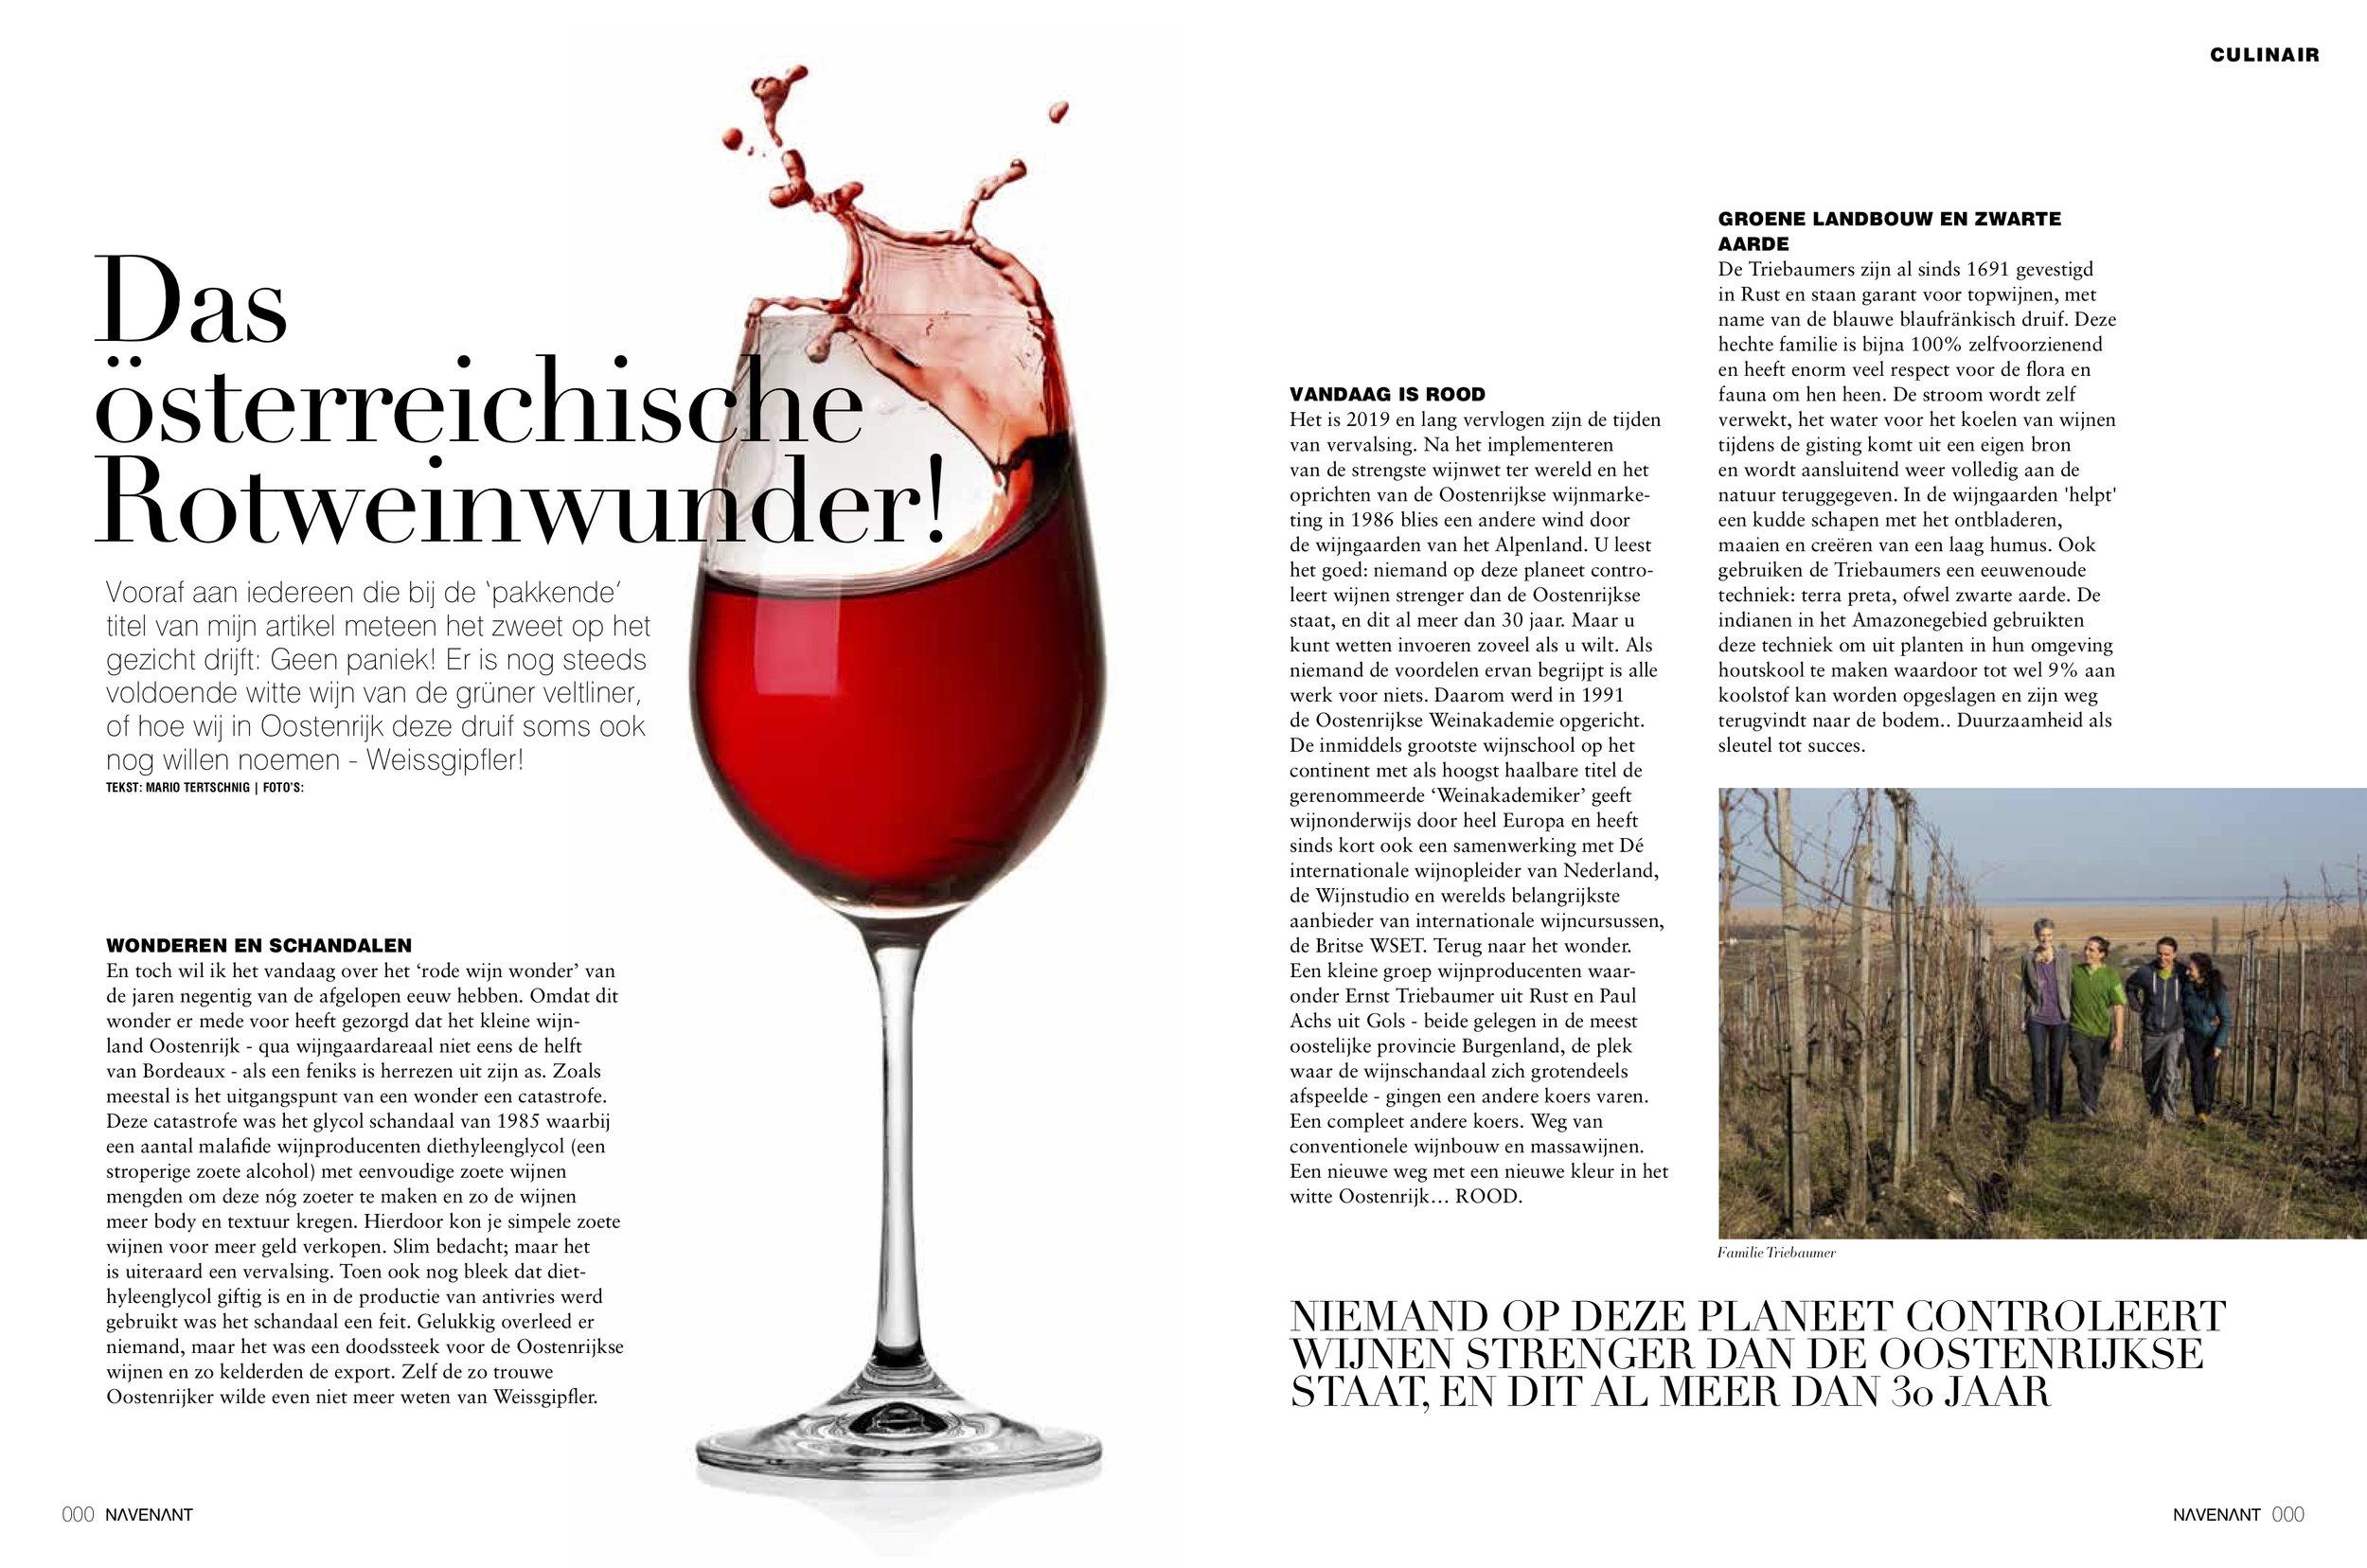 Das Rotweinwunder Oesterreich-1.jpg